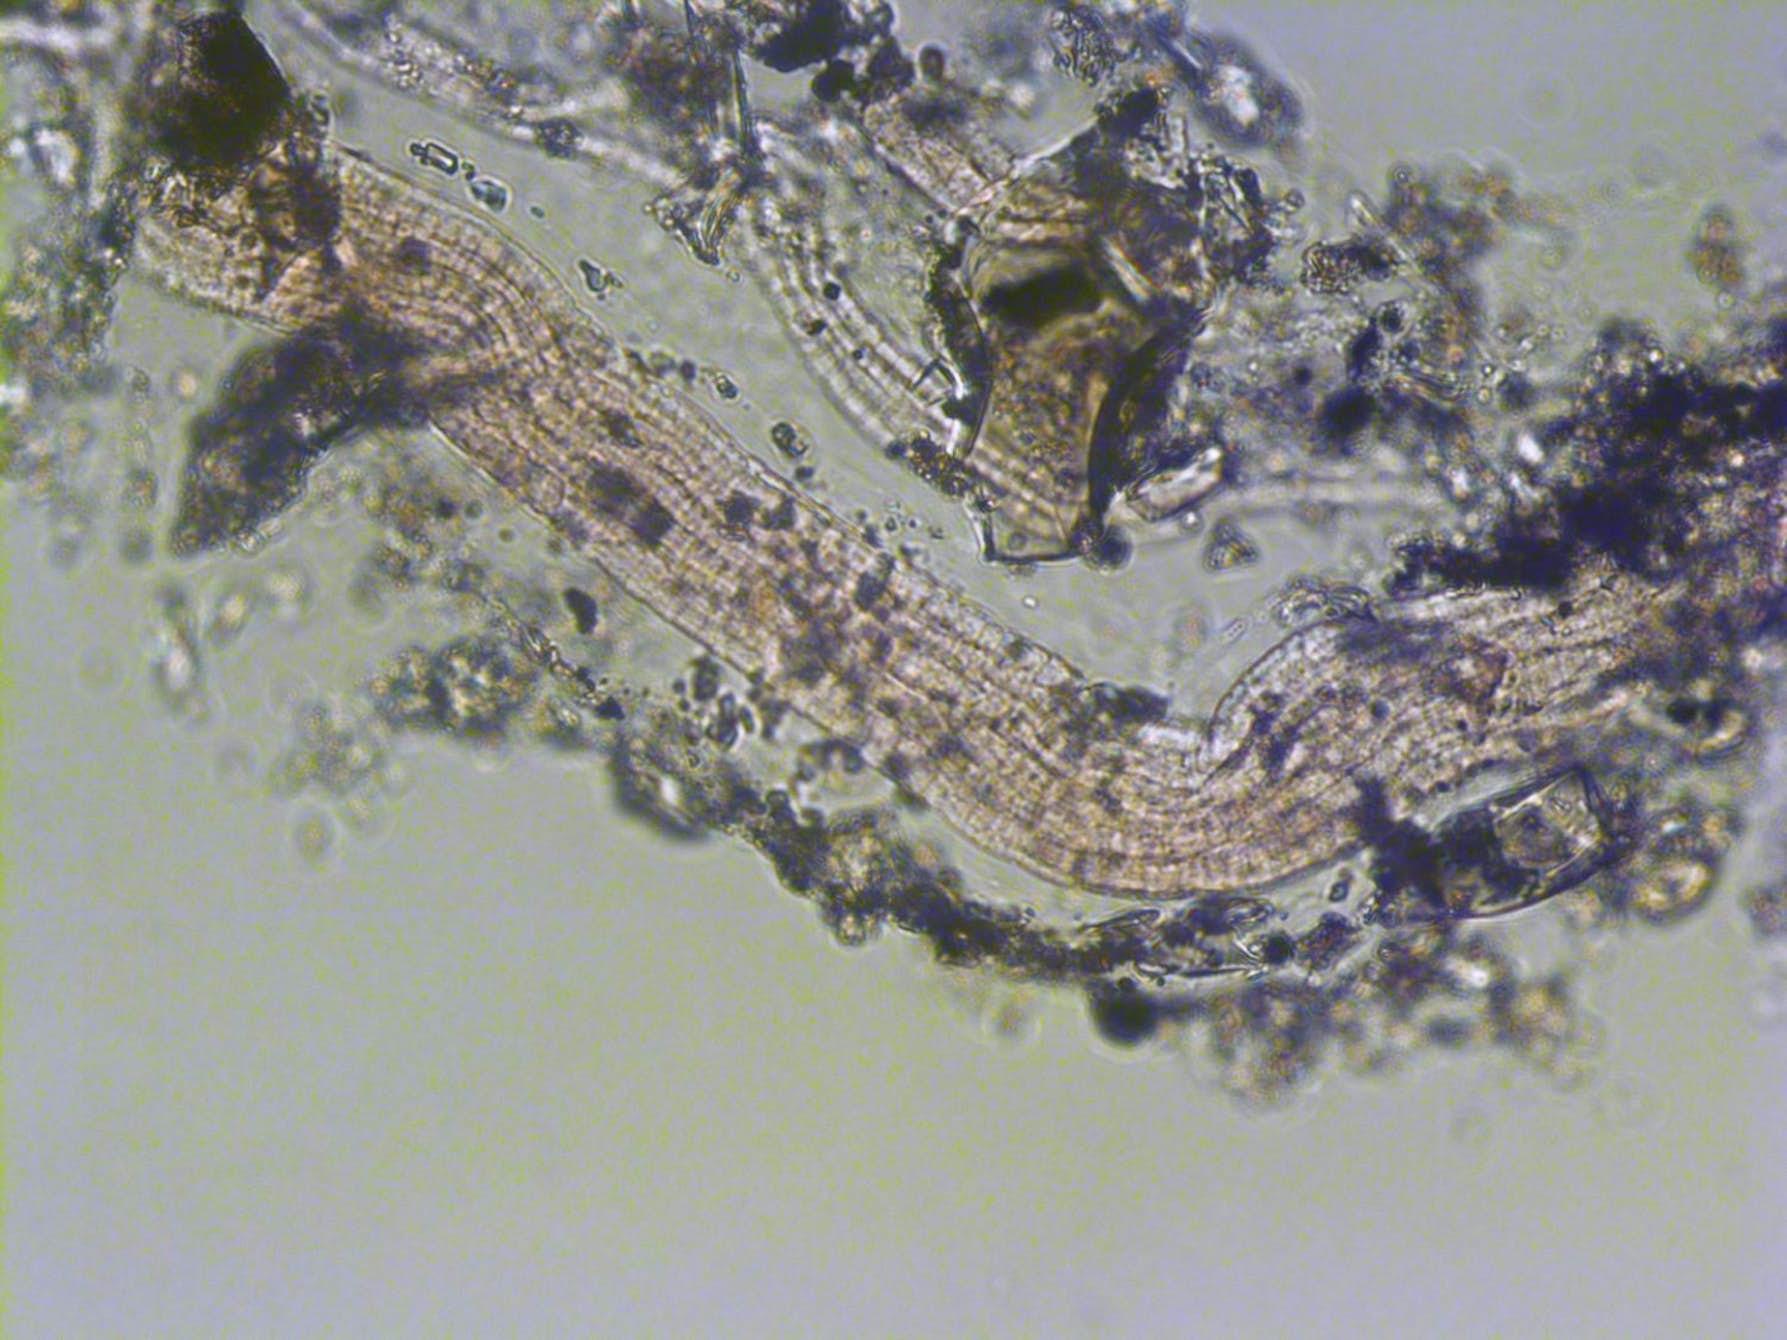 1493208187_venus-hair-bacteria-2.jpg